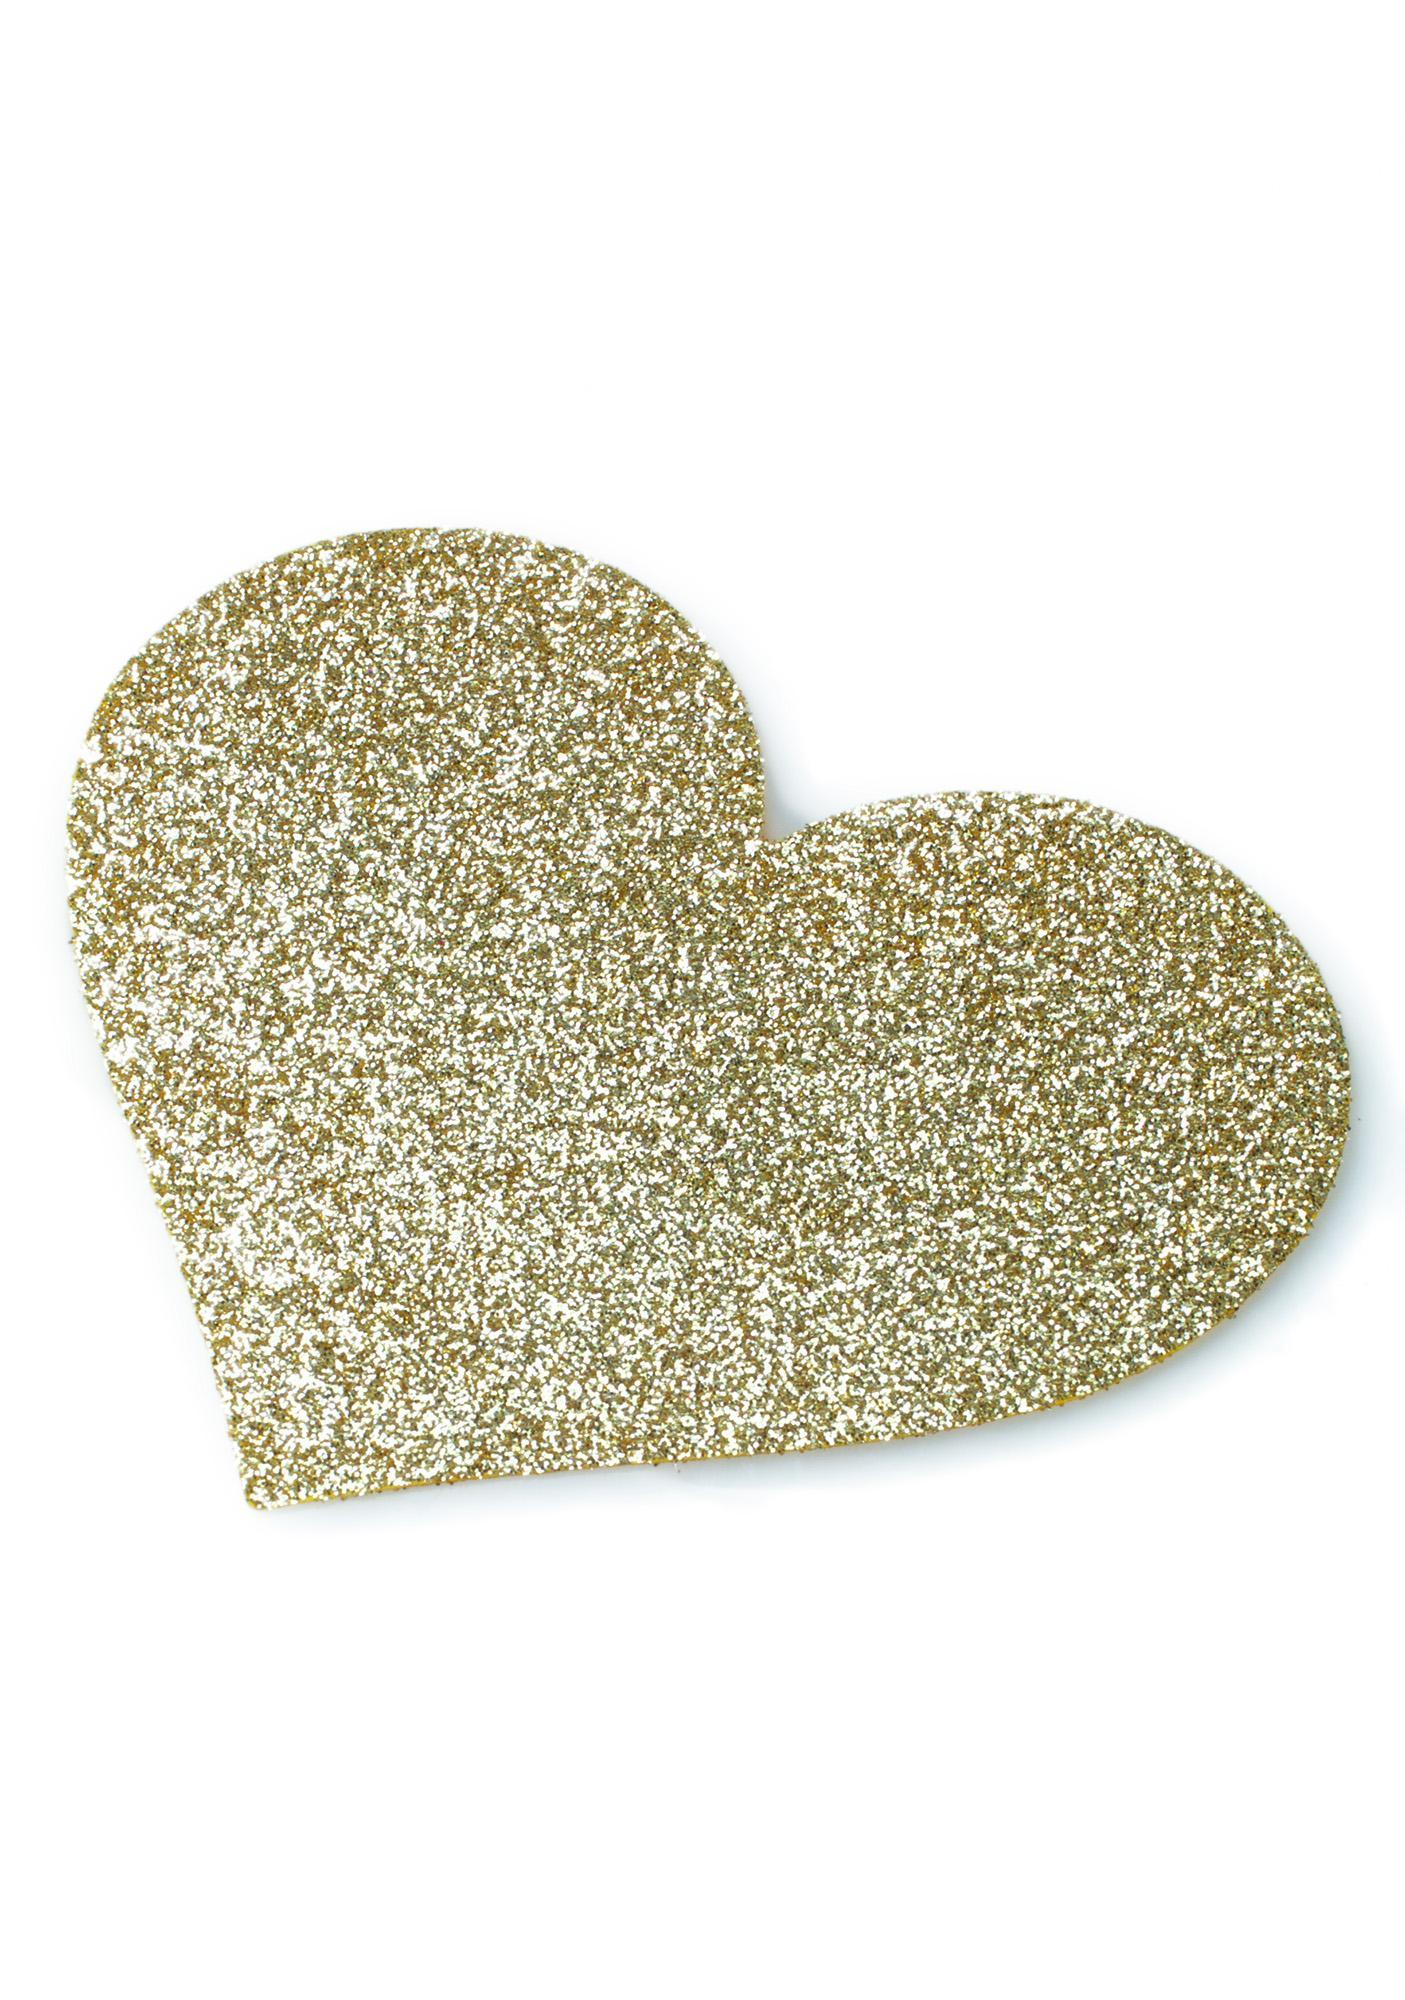 BIJOUX INDISCRETS Gold Glitter Heart Pasties